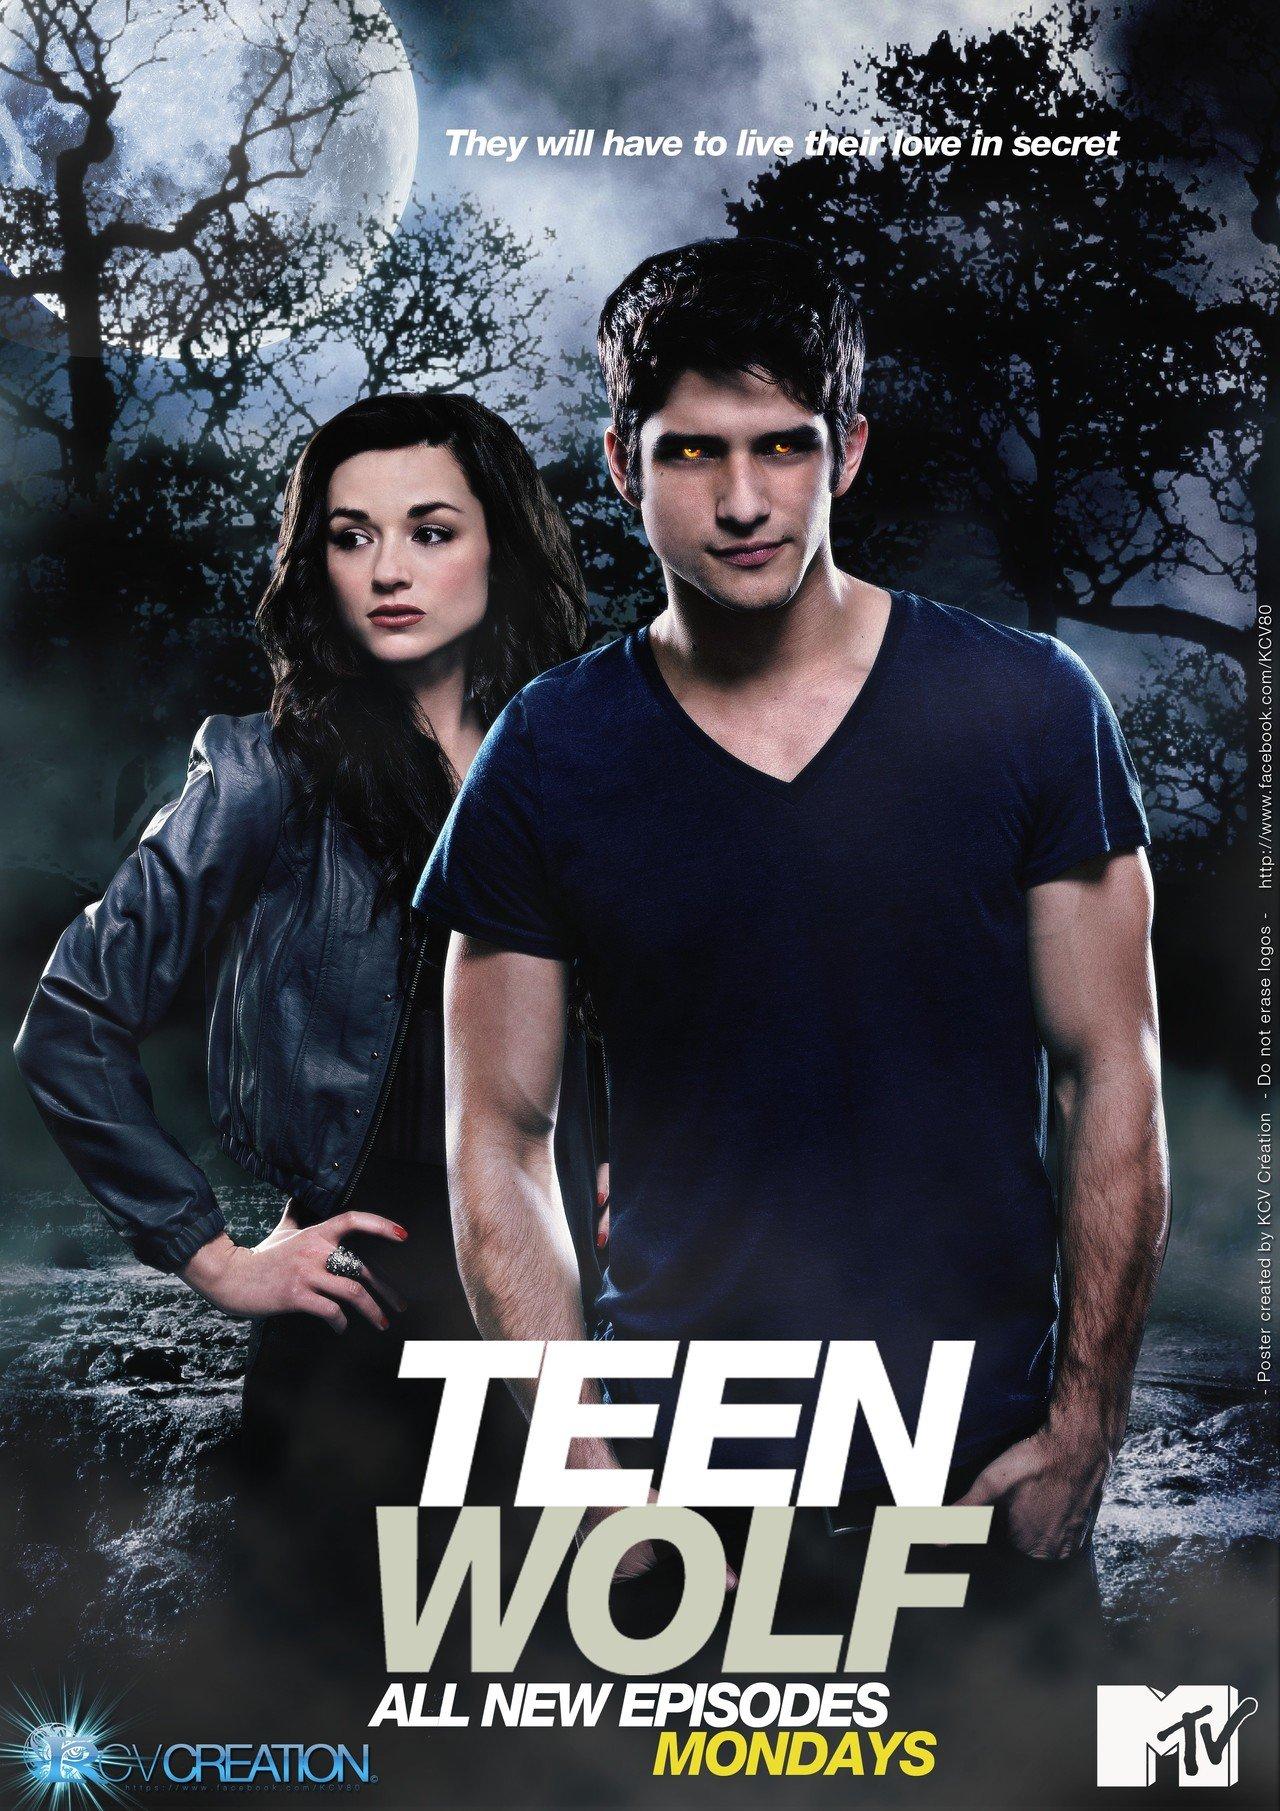 Teen Wolf (2011) poster - TVPoster.net